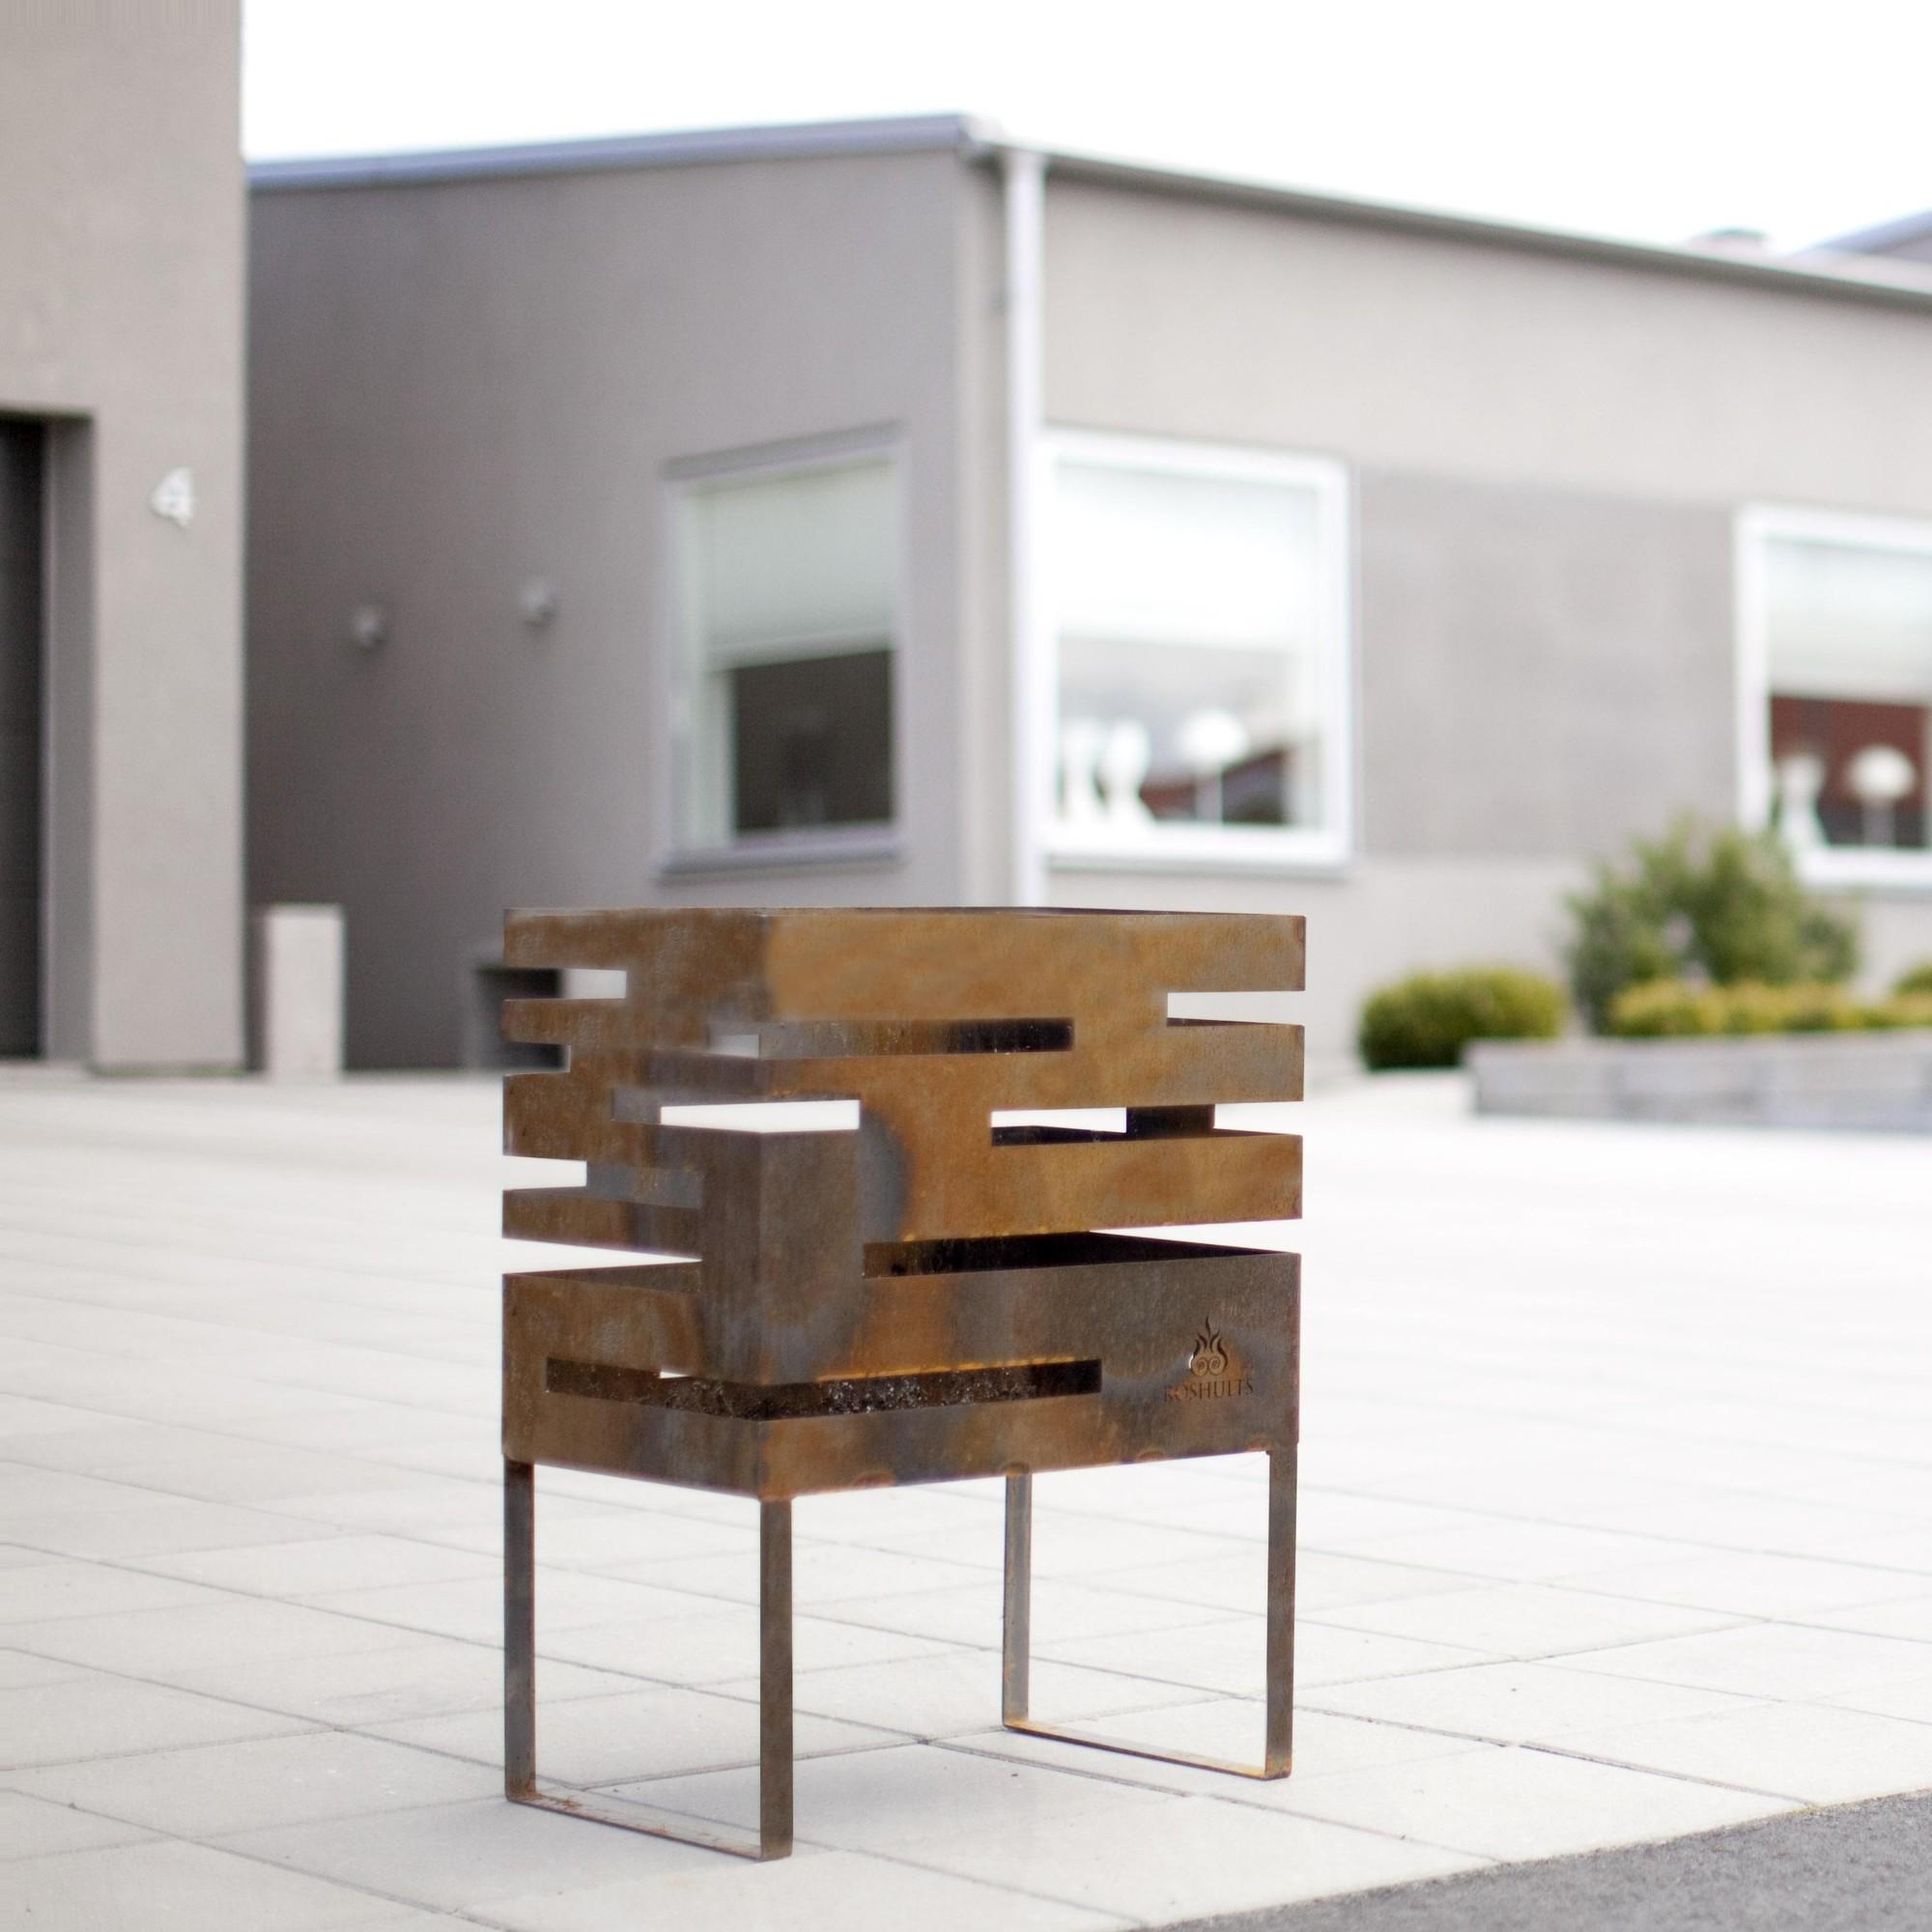 Röshults Fire Basket Urban - Brasero de jardin   AmbienteDirect